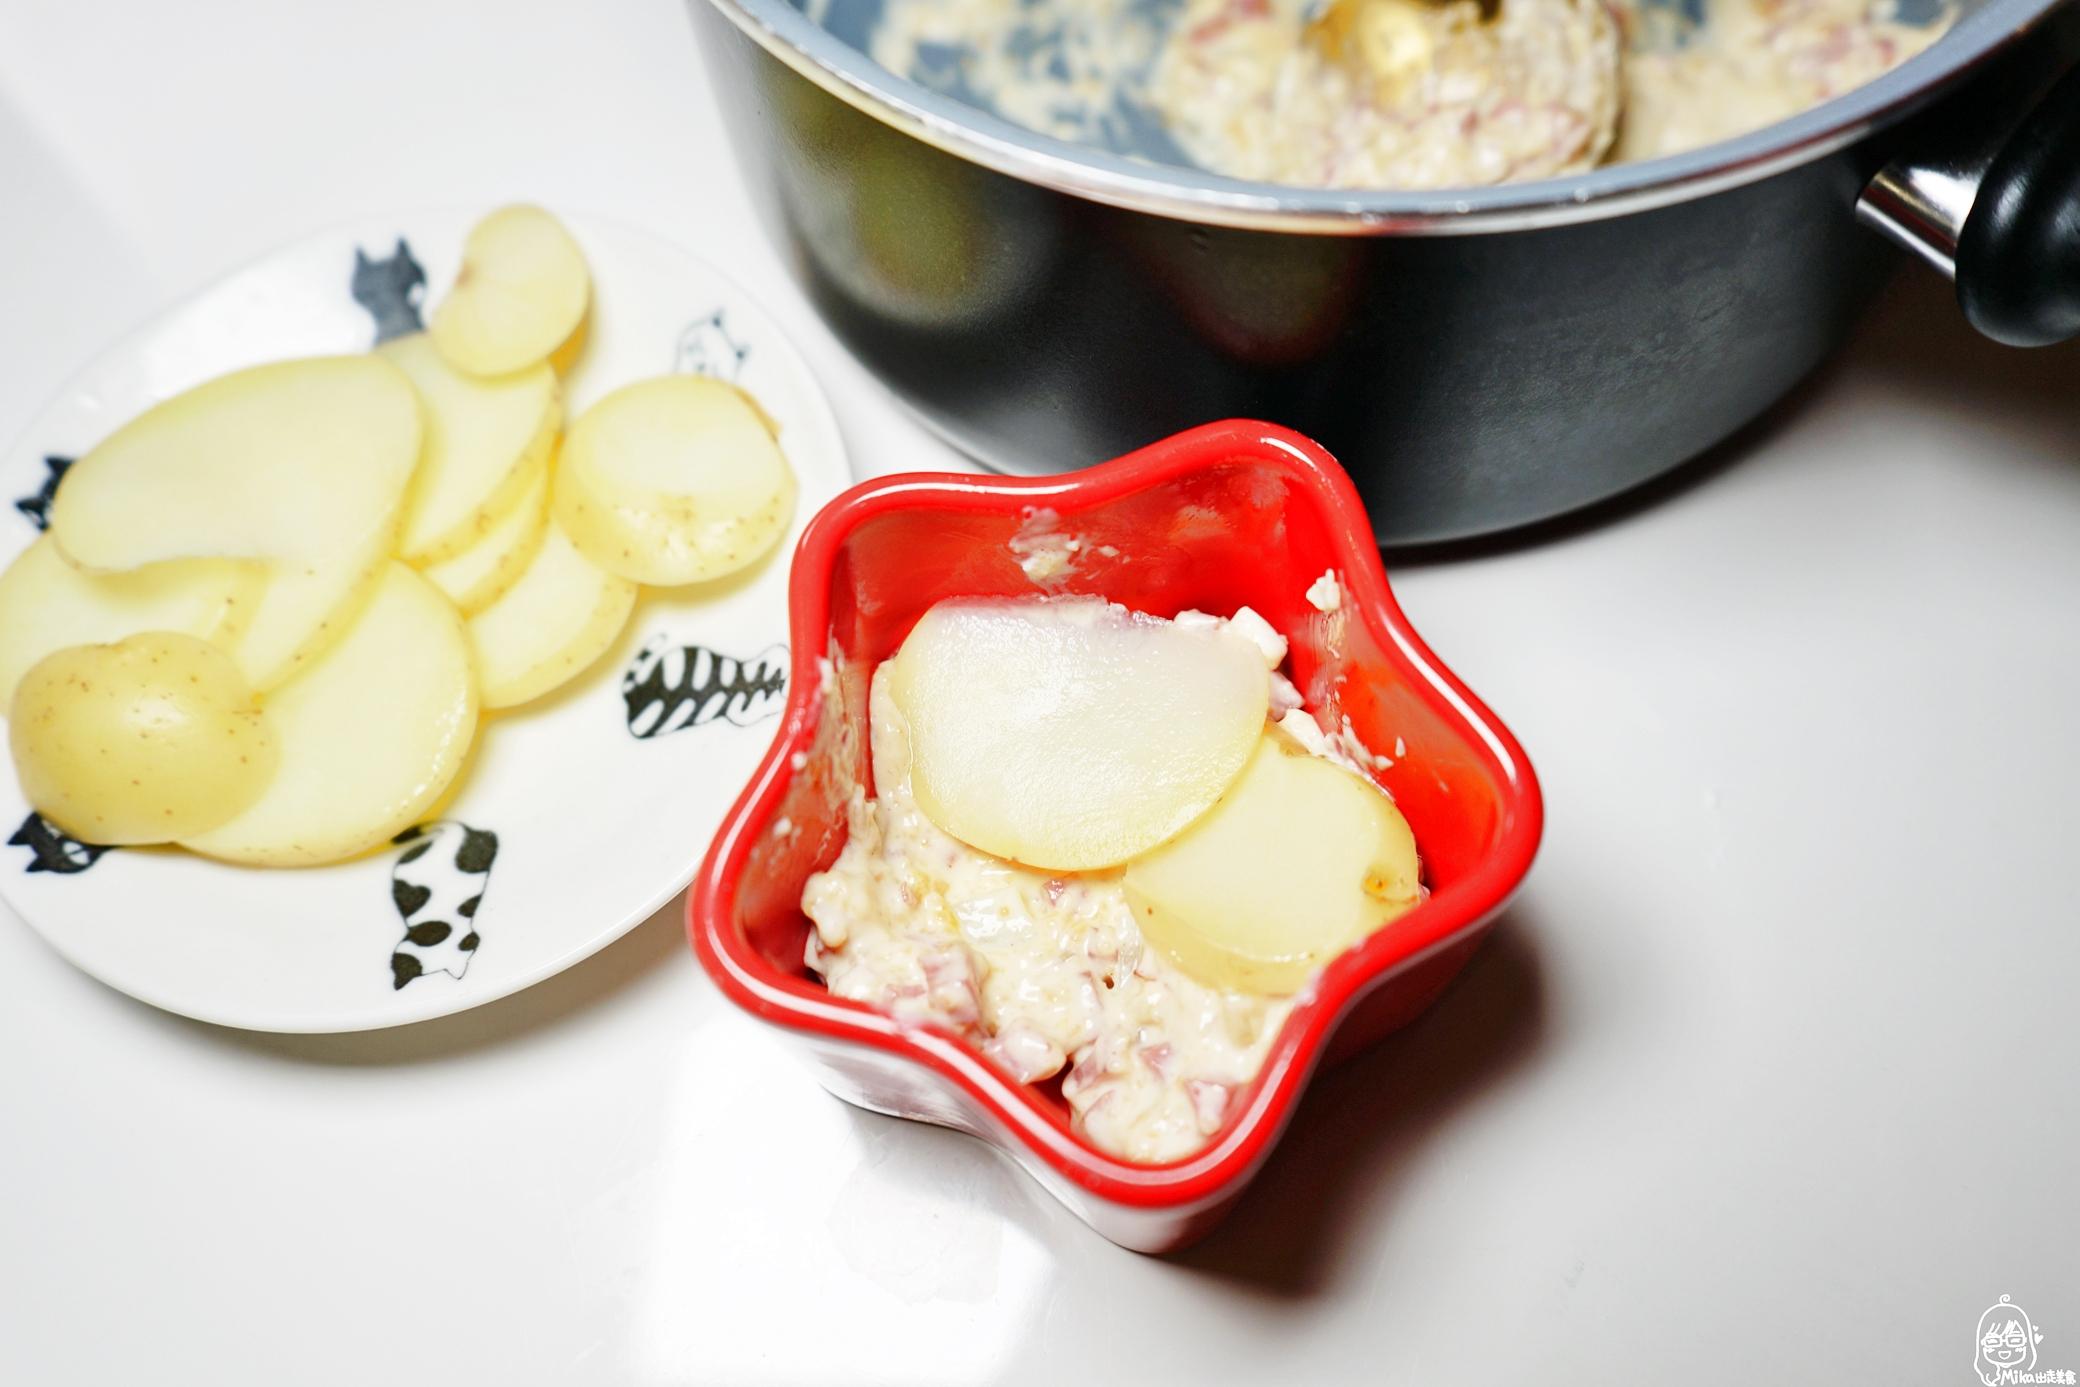 『懶人。料理』 焗烤白醬馬鈴薯|芷要上菜 氣炸鍋出好料  焗烤白醬也可以這樣做  下午茶小點心  零失敗超簡單料理。